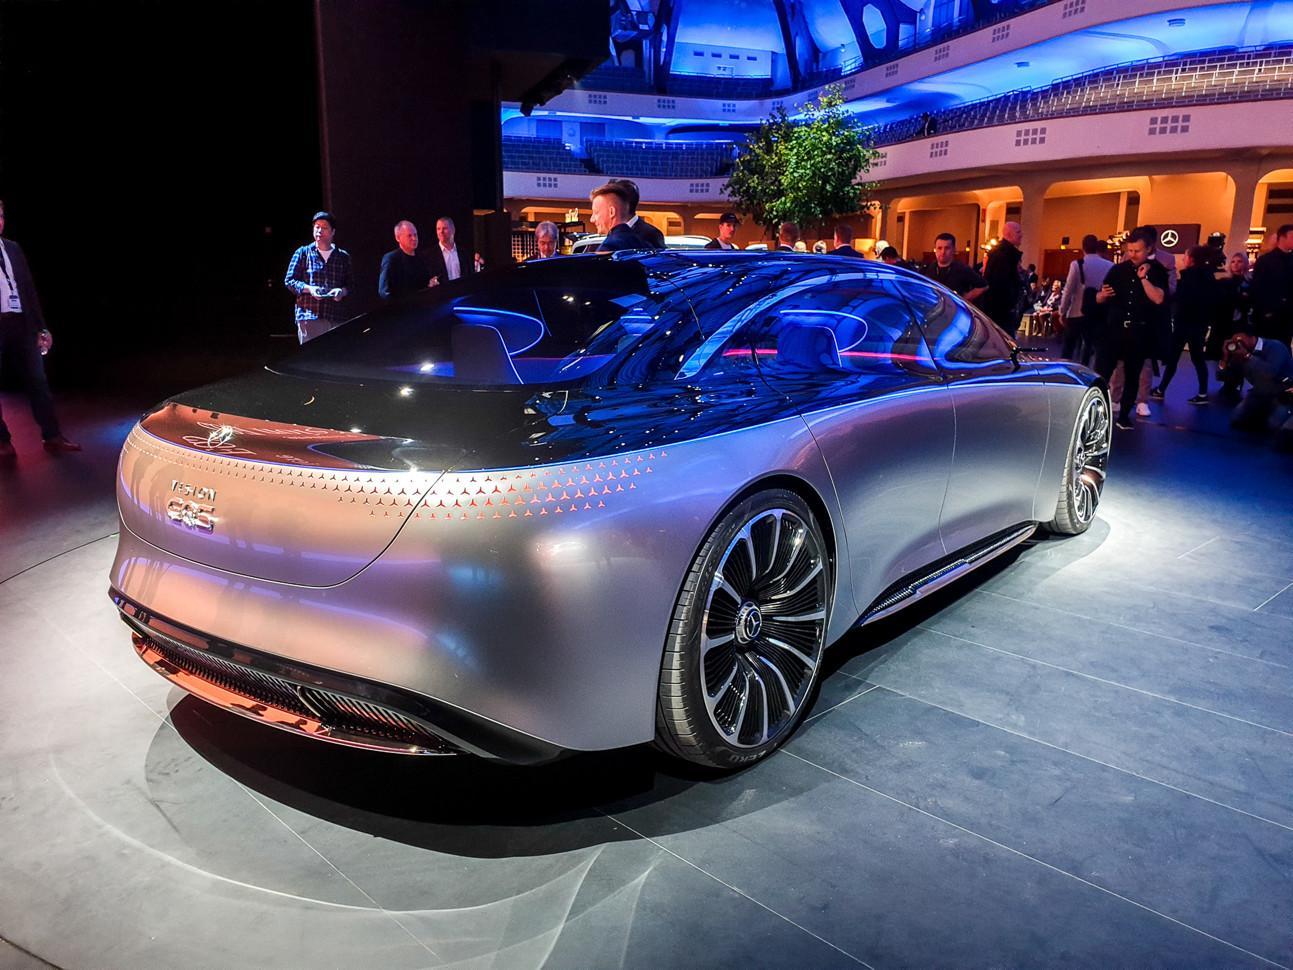 Mercedes-Benz Vision EQS concept EV unveiled